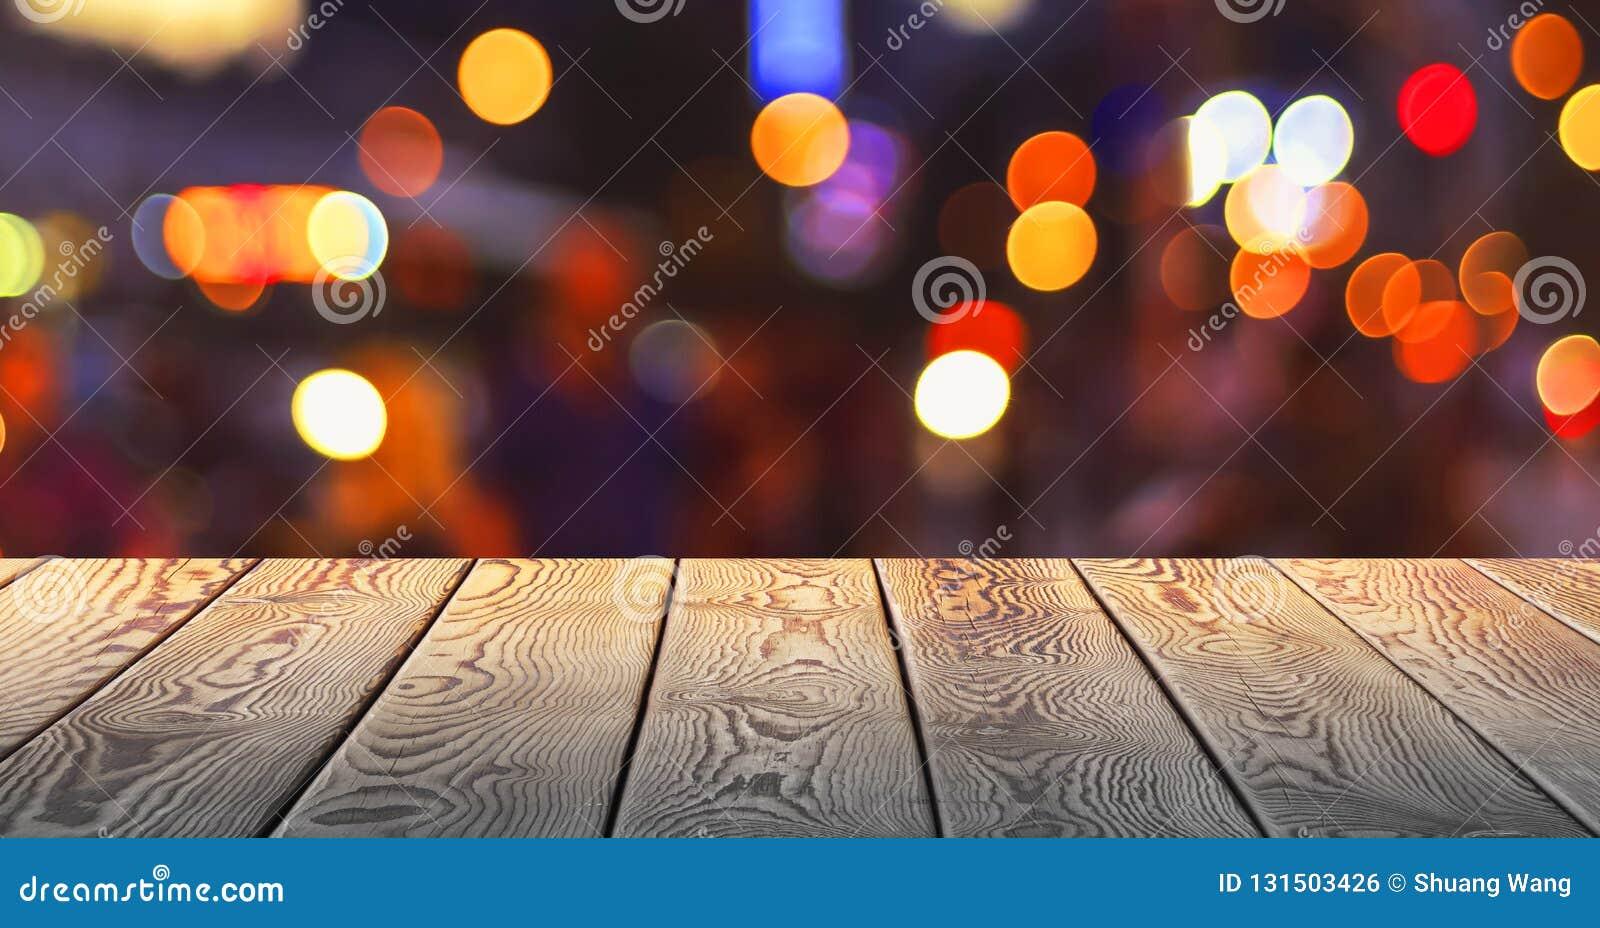 Концепция рождества: Праздничная предпосылка со светлыми пятнами и bokeh перед пустым деревянным столом